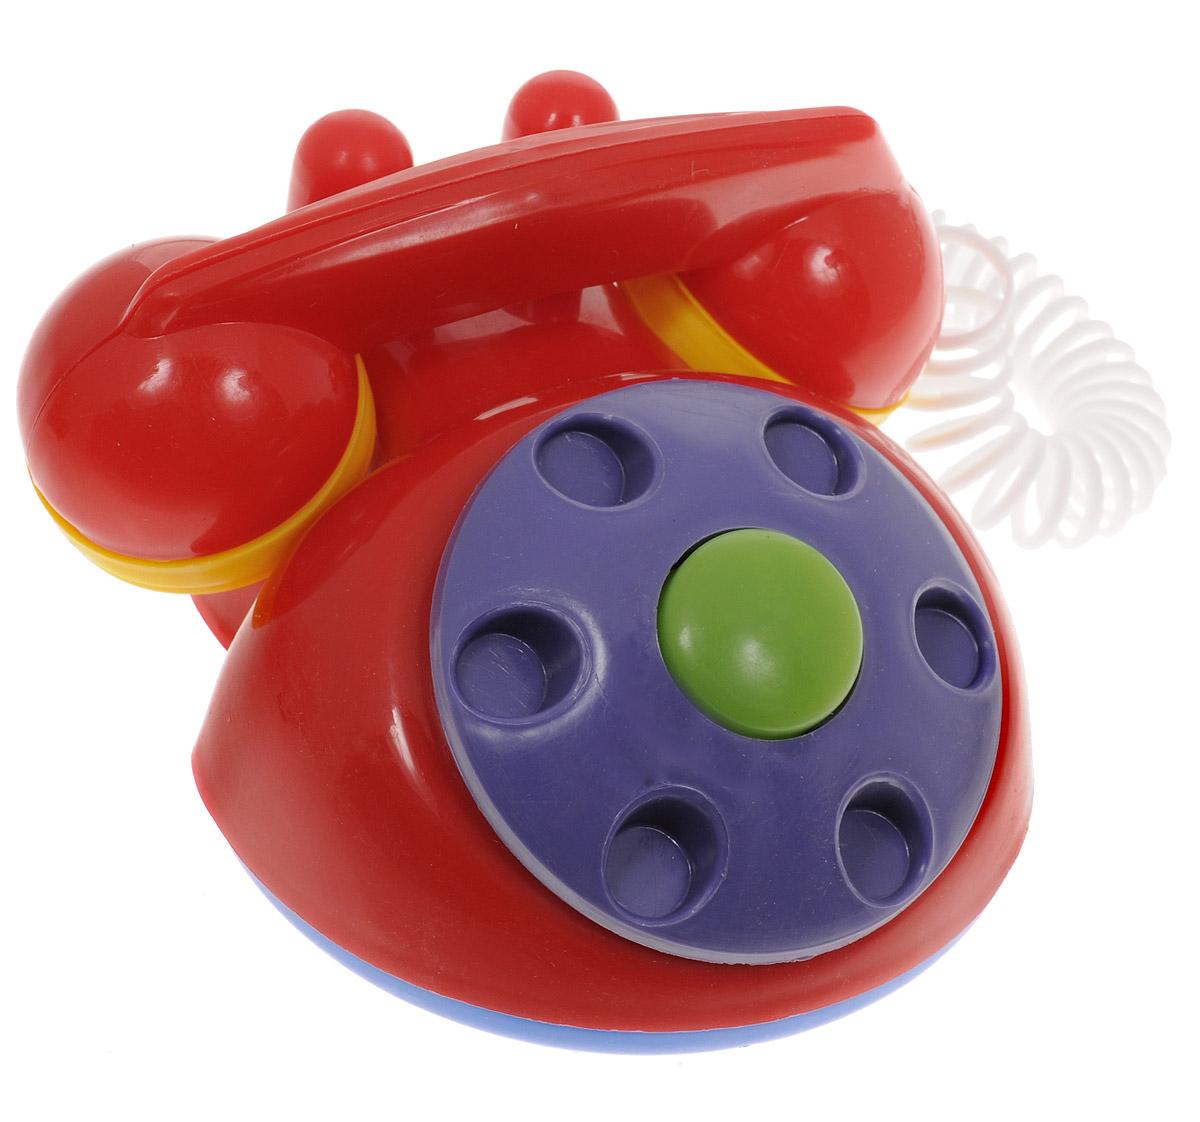 Аэлита Детский телефон цвет красный2С454Яркий детский телефон Аэлита не оставит вашего малыша равнодушным и не позволит ему скучать! Игрушка представляет собой старинный дисковой аппарат с пружинным проводом, идущим к трубке. Небольшая трубка очень удобна для детских рук по размерам, диск крутится, пружинный провод легко растягивается и собирается обратно. Яркие цвета игрушки направлены на развитие мыслительной деятельности, цветовосприятия, тактильных ощущений и мелкой моторики рук ребенка, а элемент набора номера на телефоне способствует развитию слуха. Товар сертифицирован.